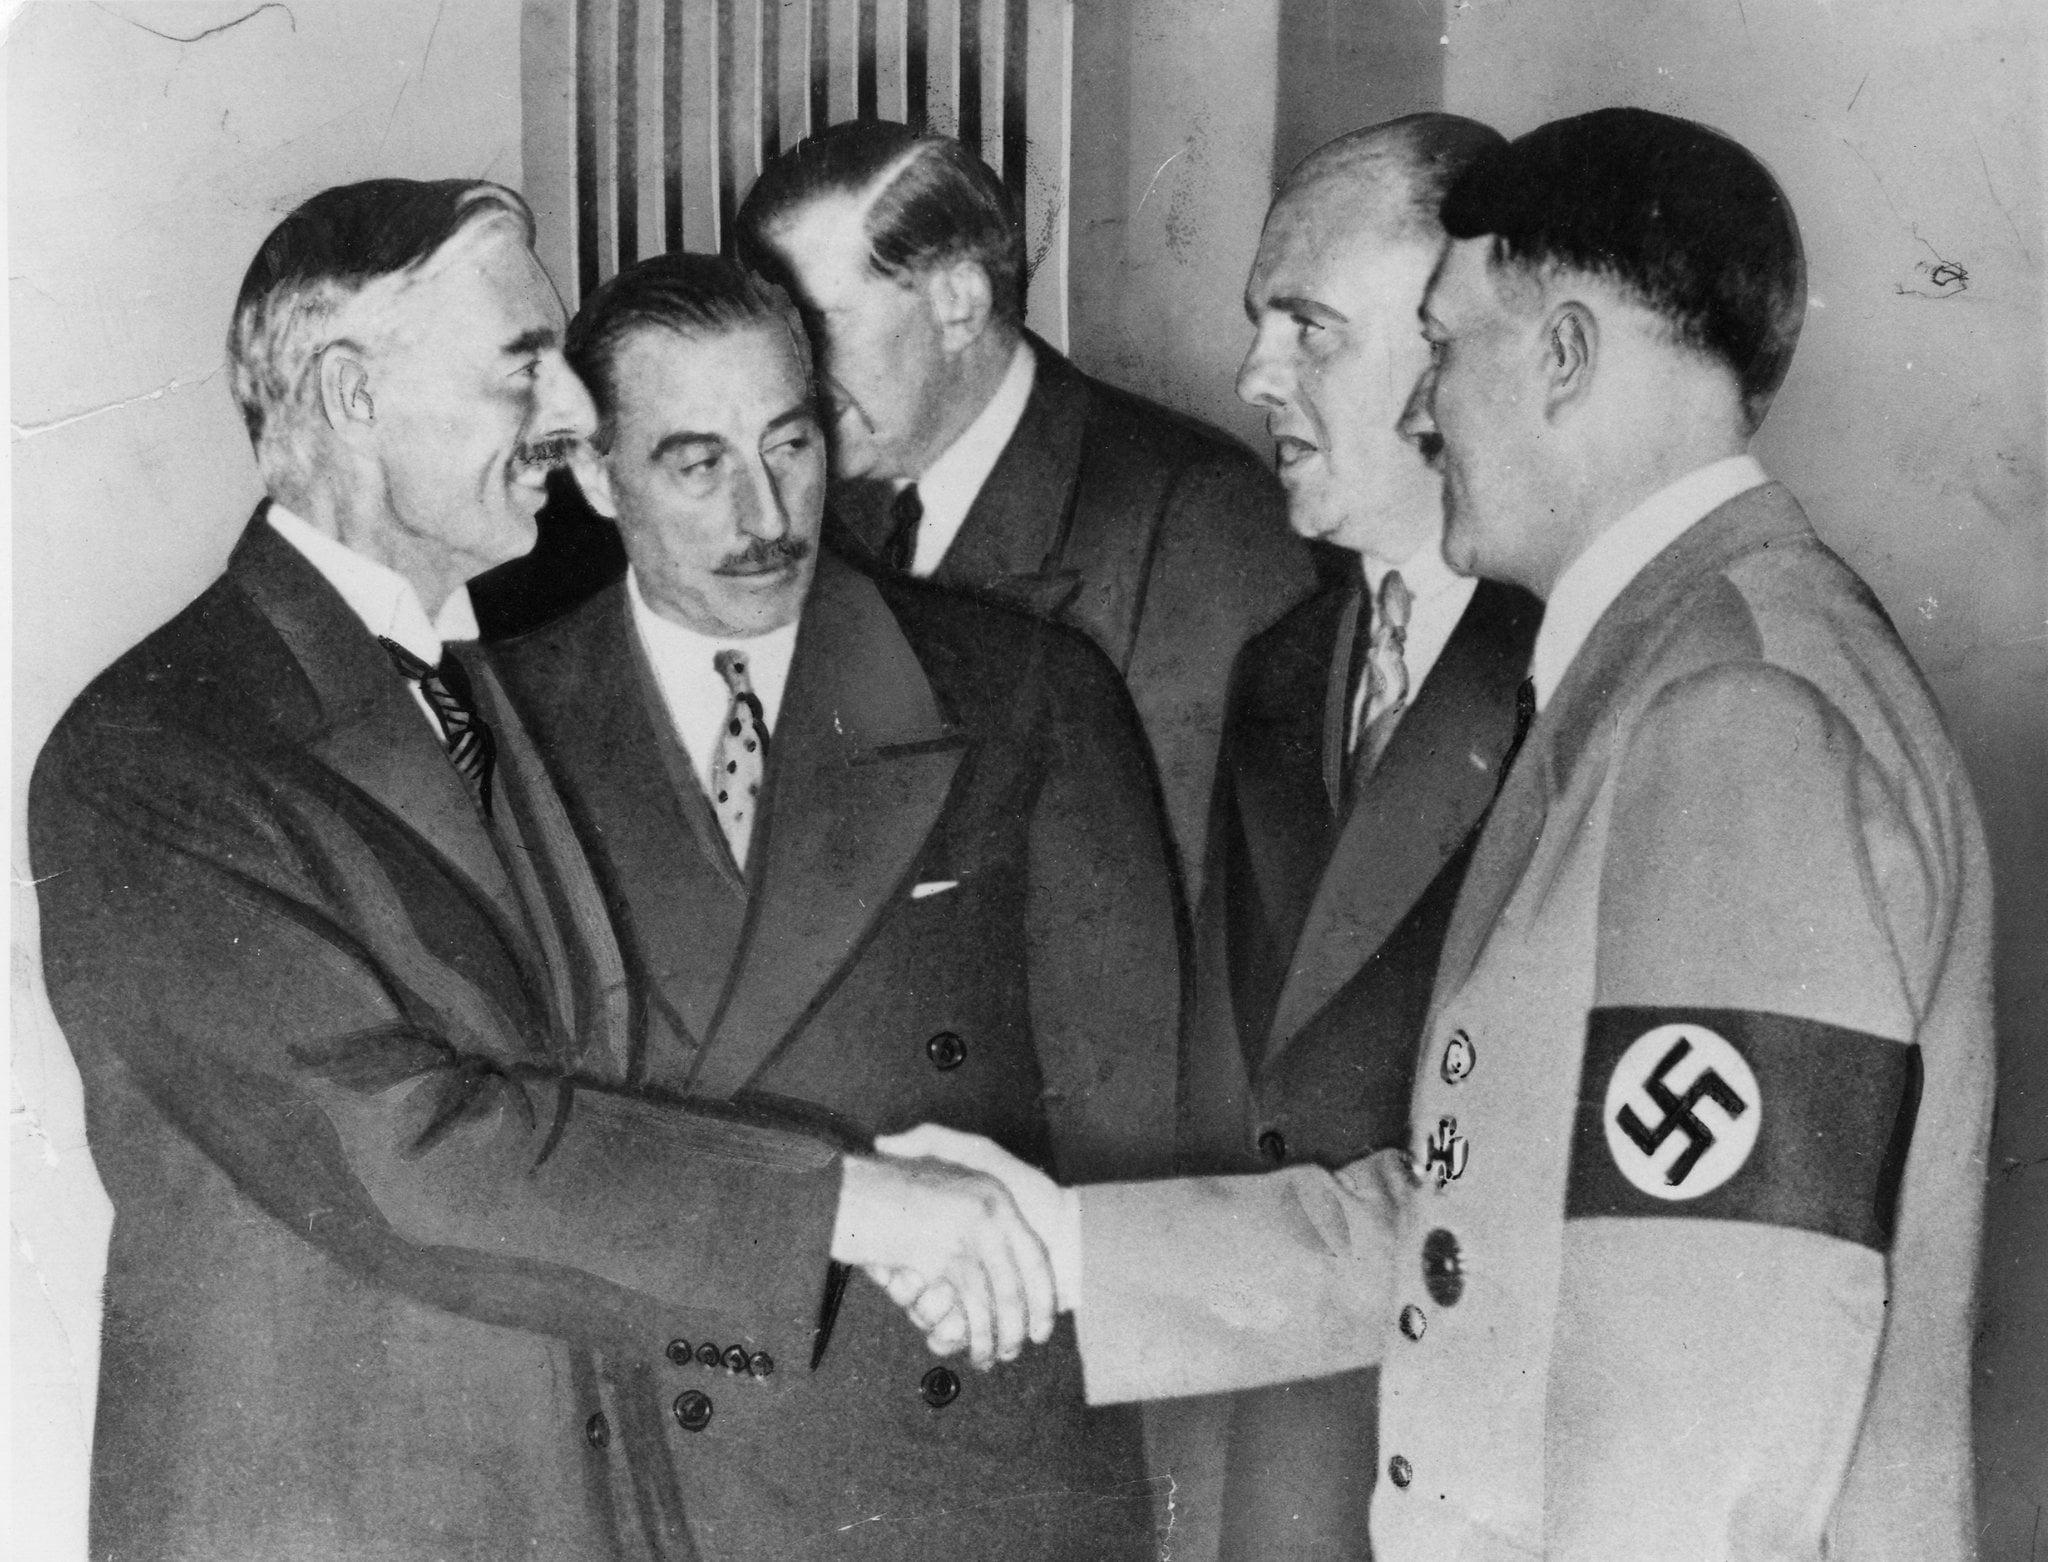 Η Πολιτική Κατευνασμού του Τσάμπερλεν και η ΕΕ